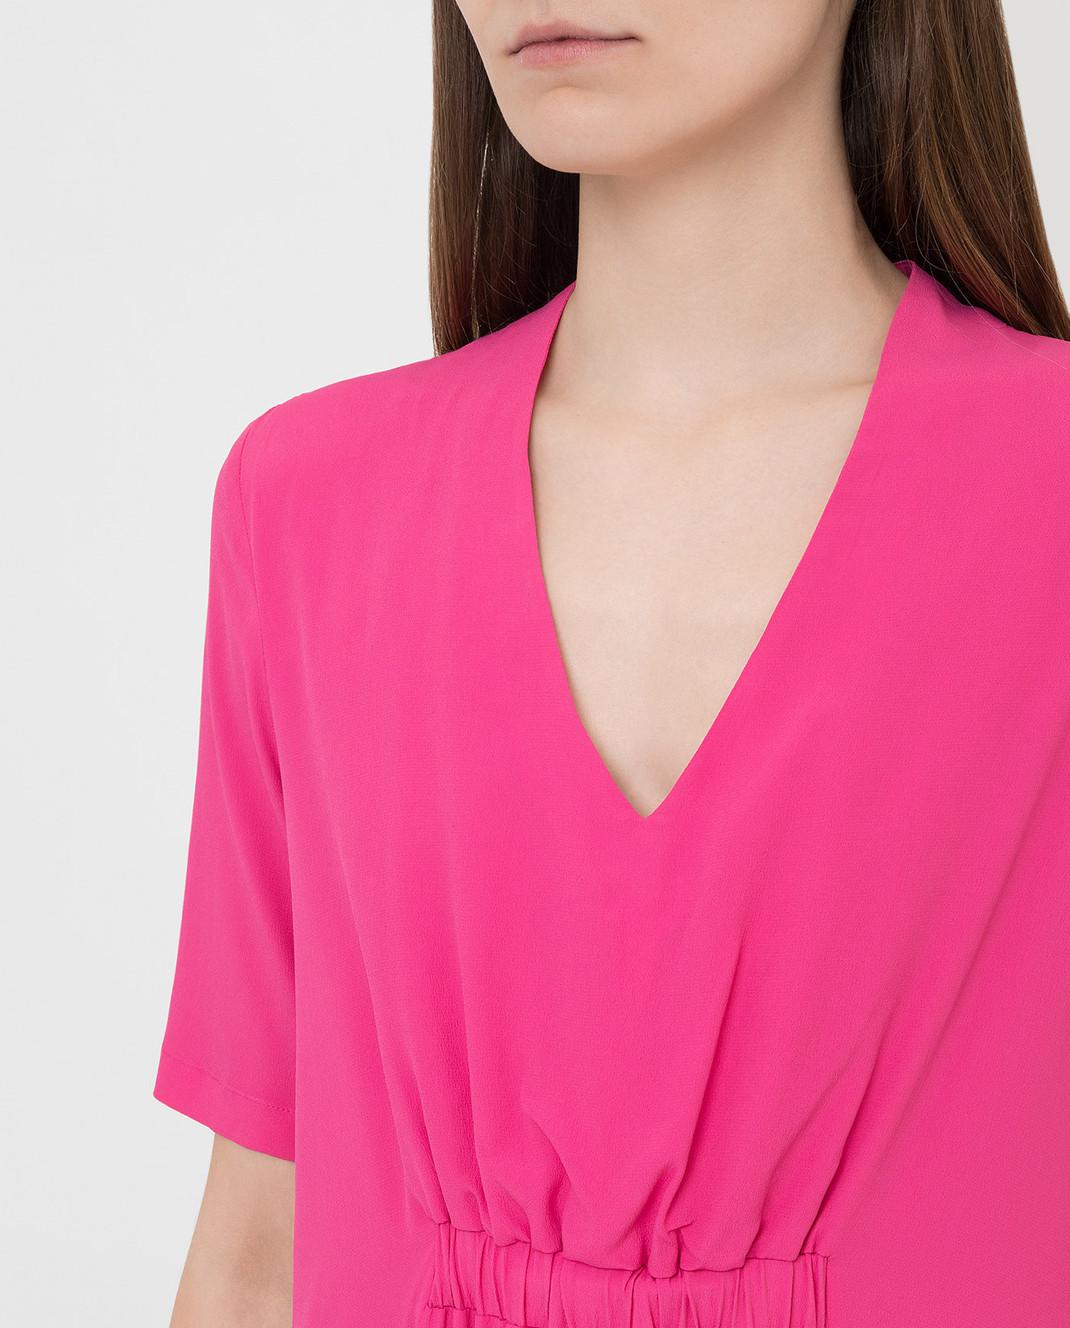 Fabiana Filippi Розовое платье ABD260B985 изображение 5